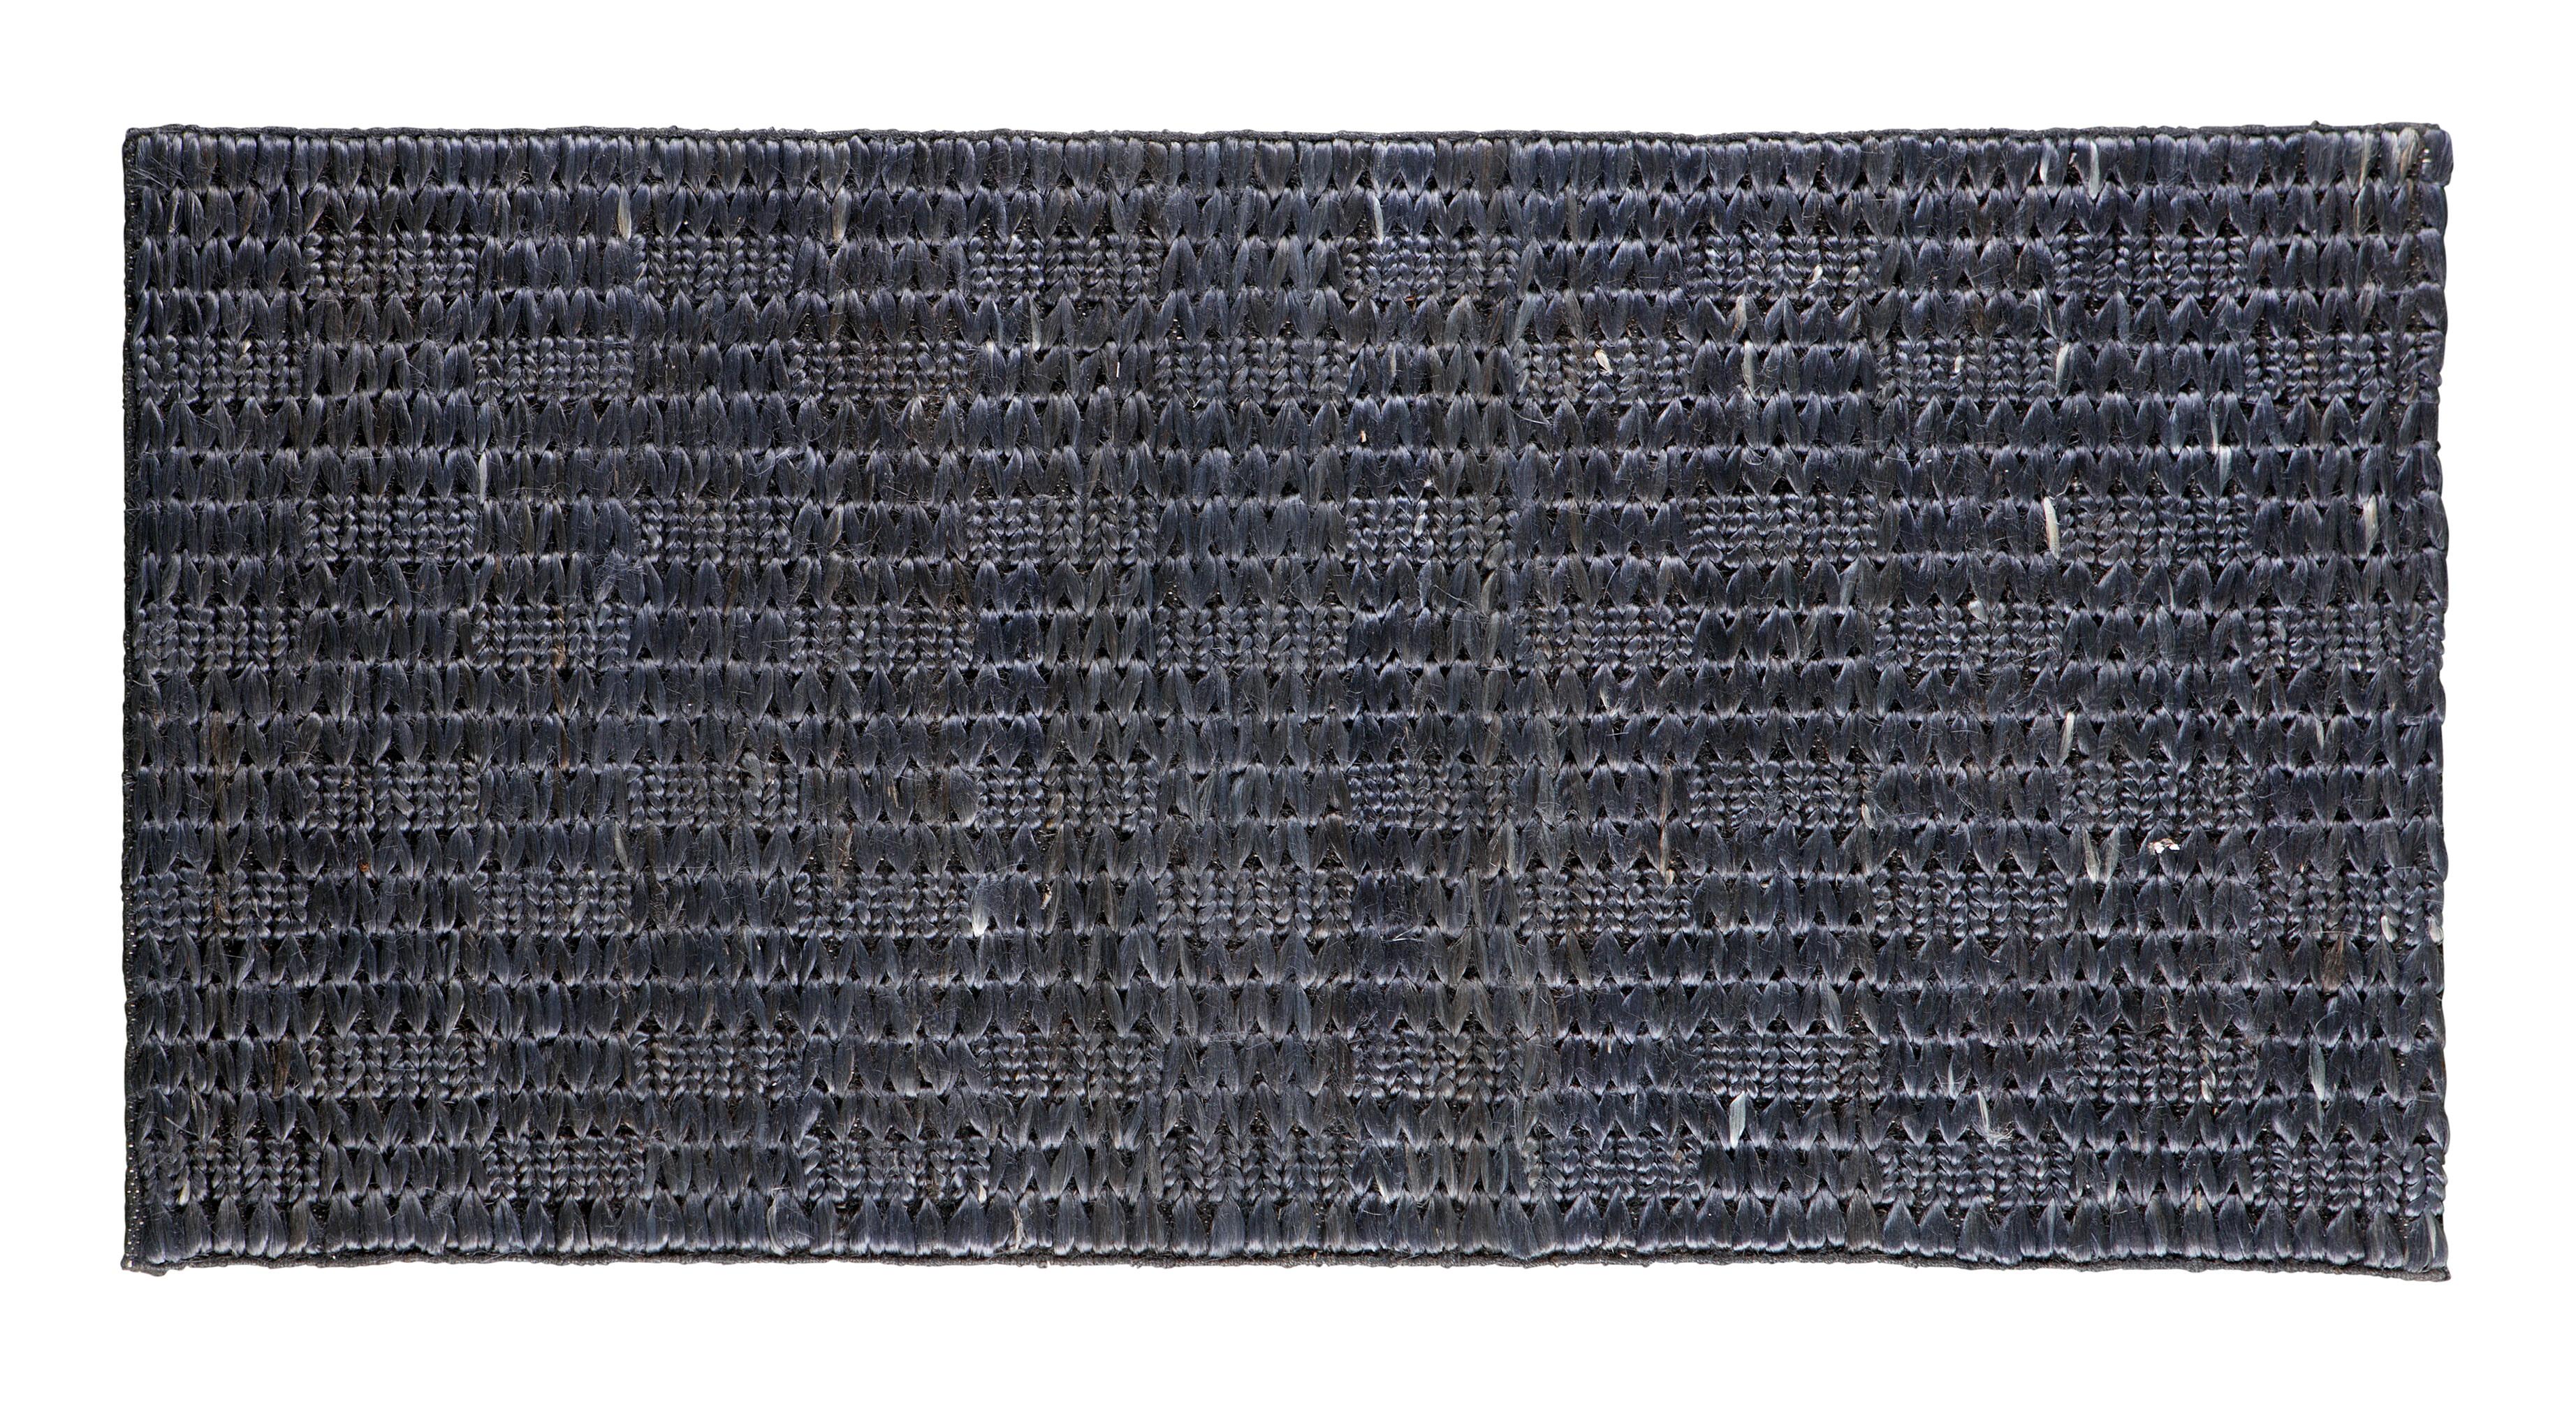 BePureHome Vloerkleed 'Scenes' 70 x 140 cm, kleur Zwart Jute aanschaffen? Kijk hier!